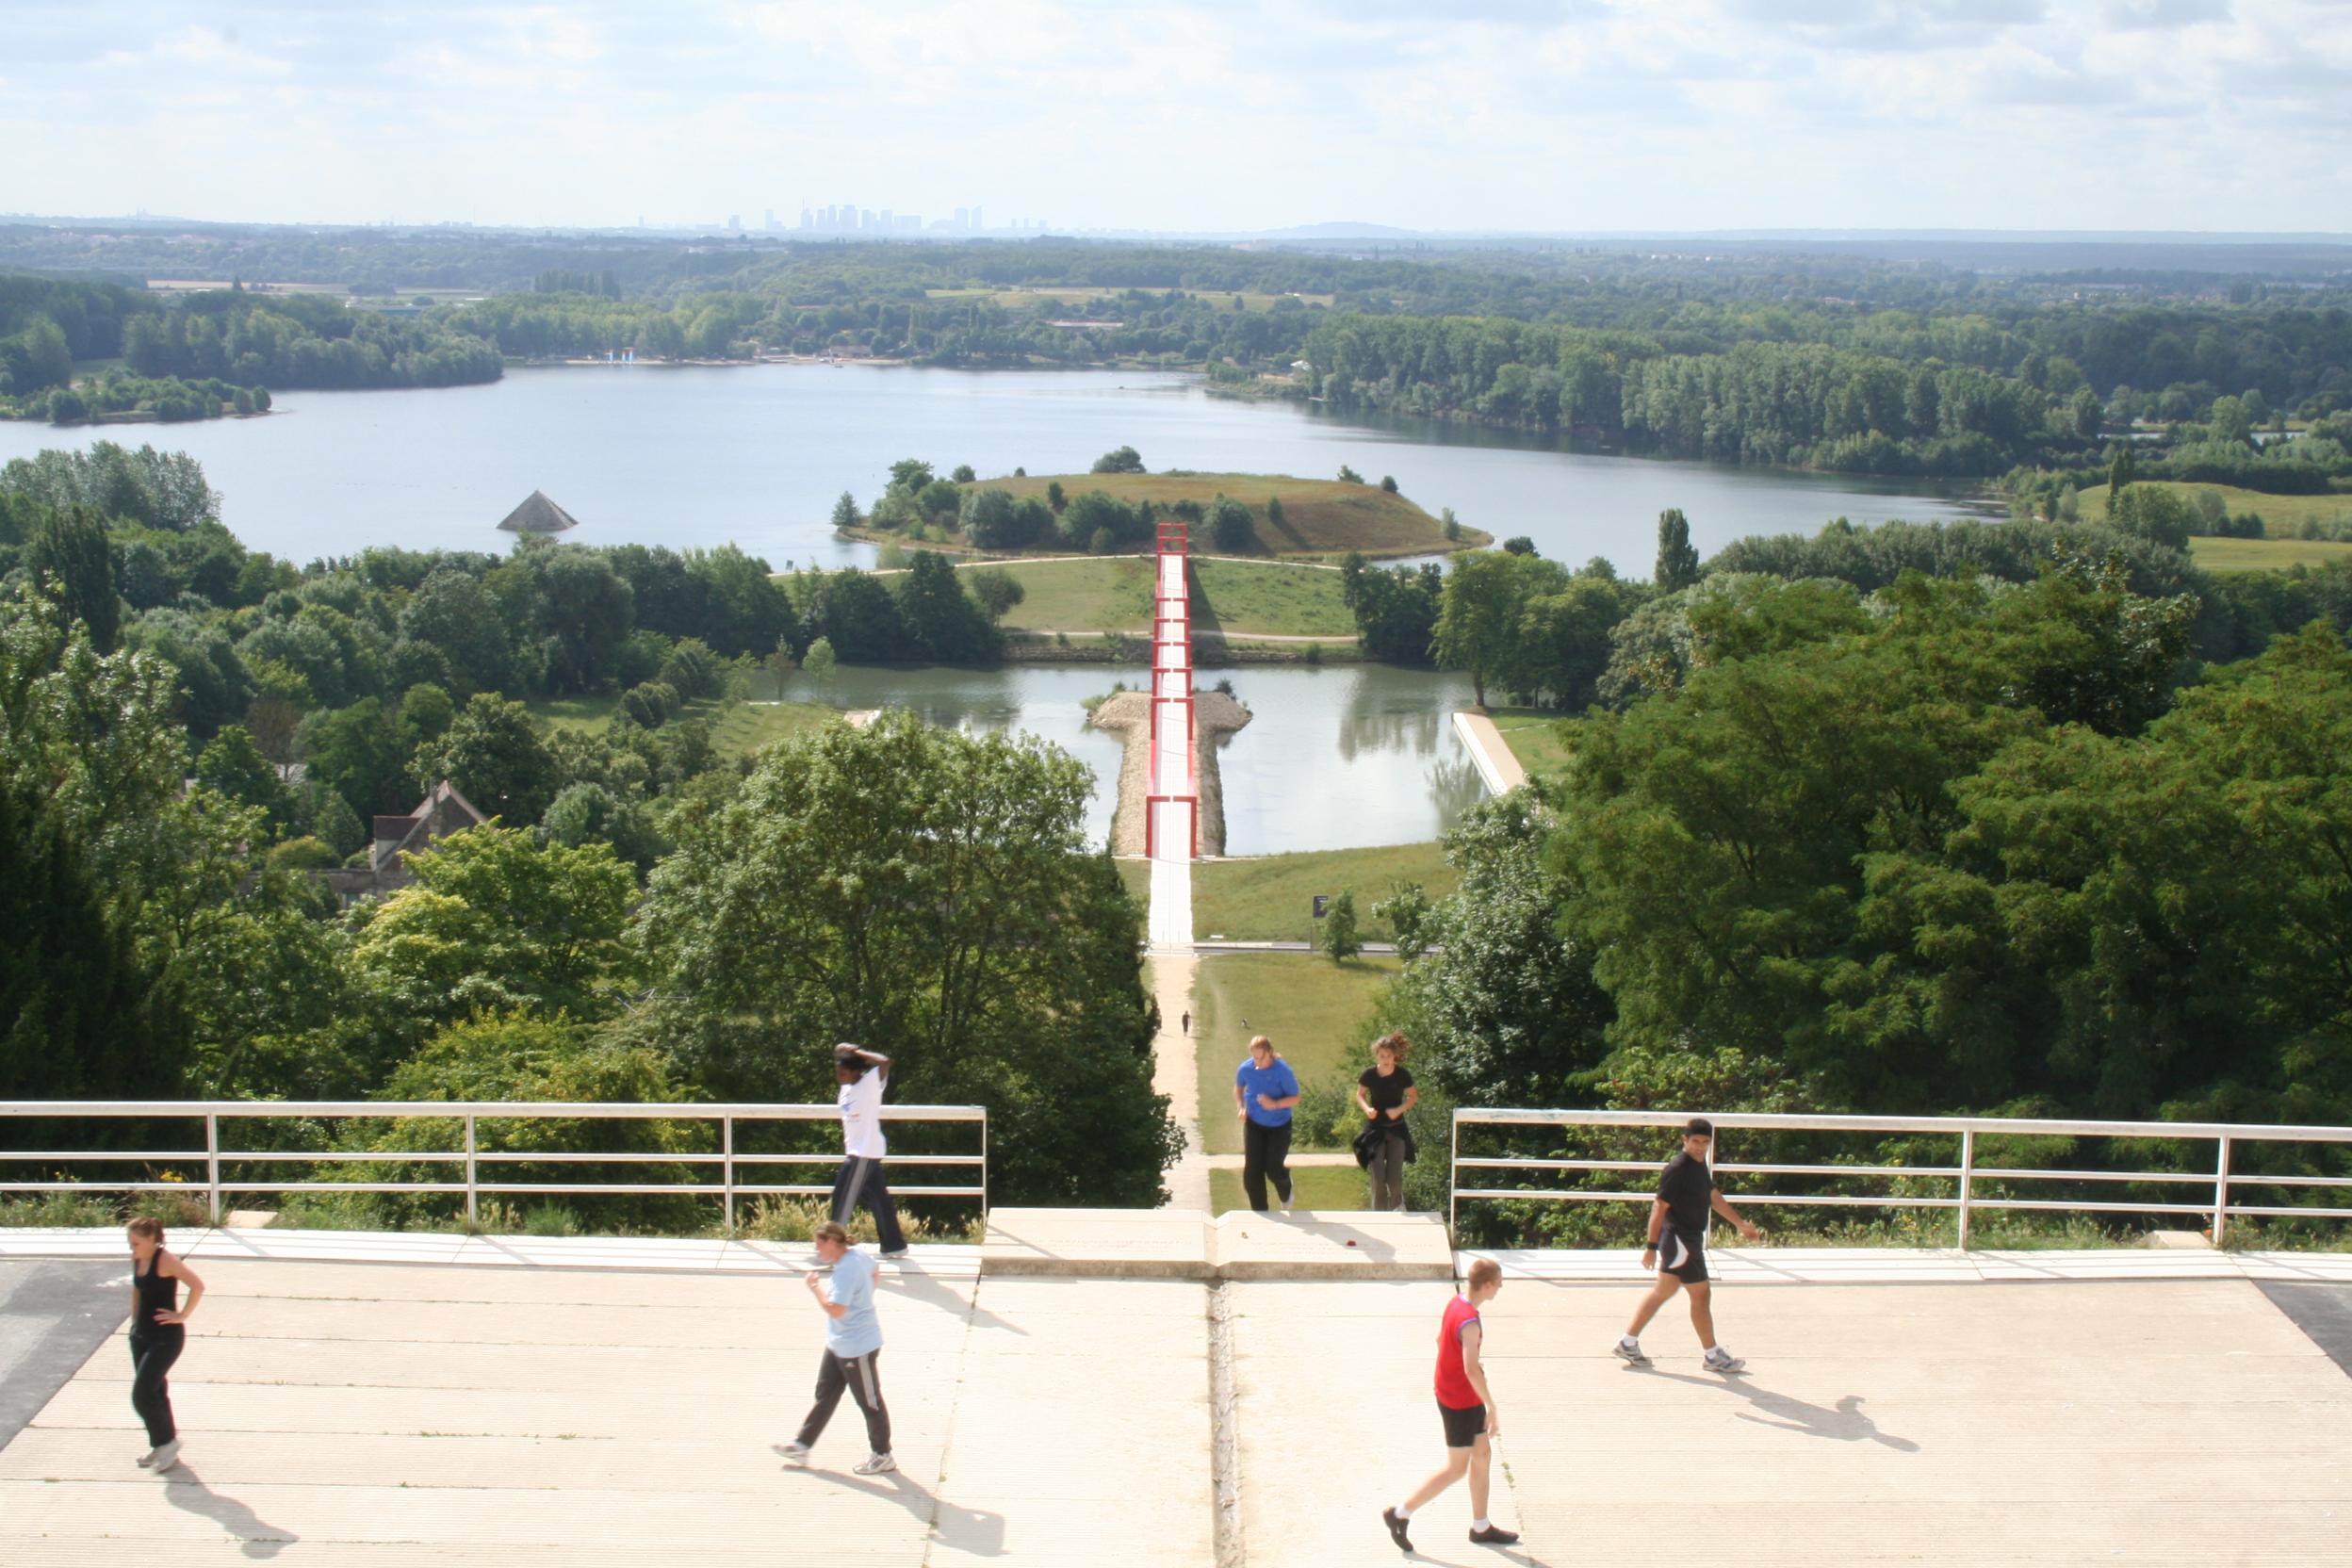 Base de Loisirs, Cergy-Pontoise (foto: Ivan Nio)